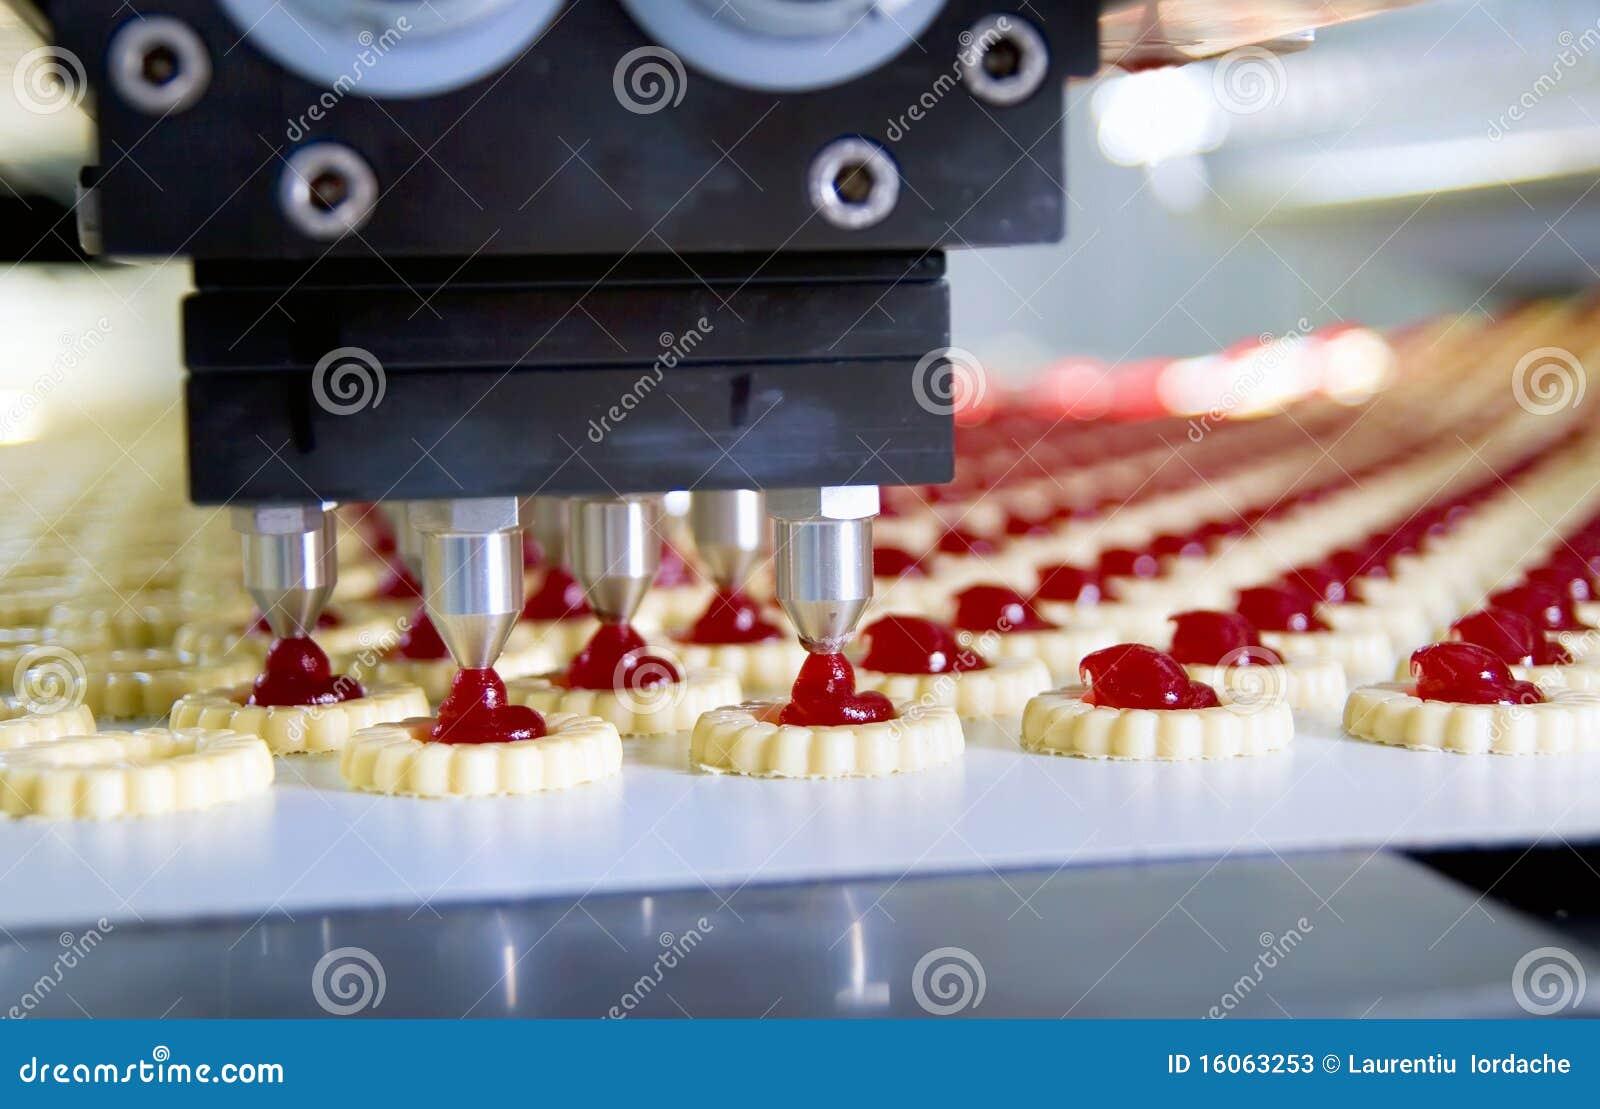 Galleta de la producción en fábrica